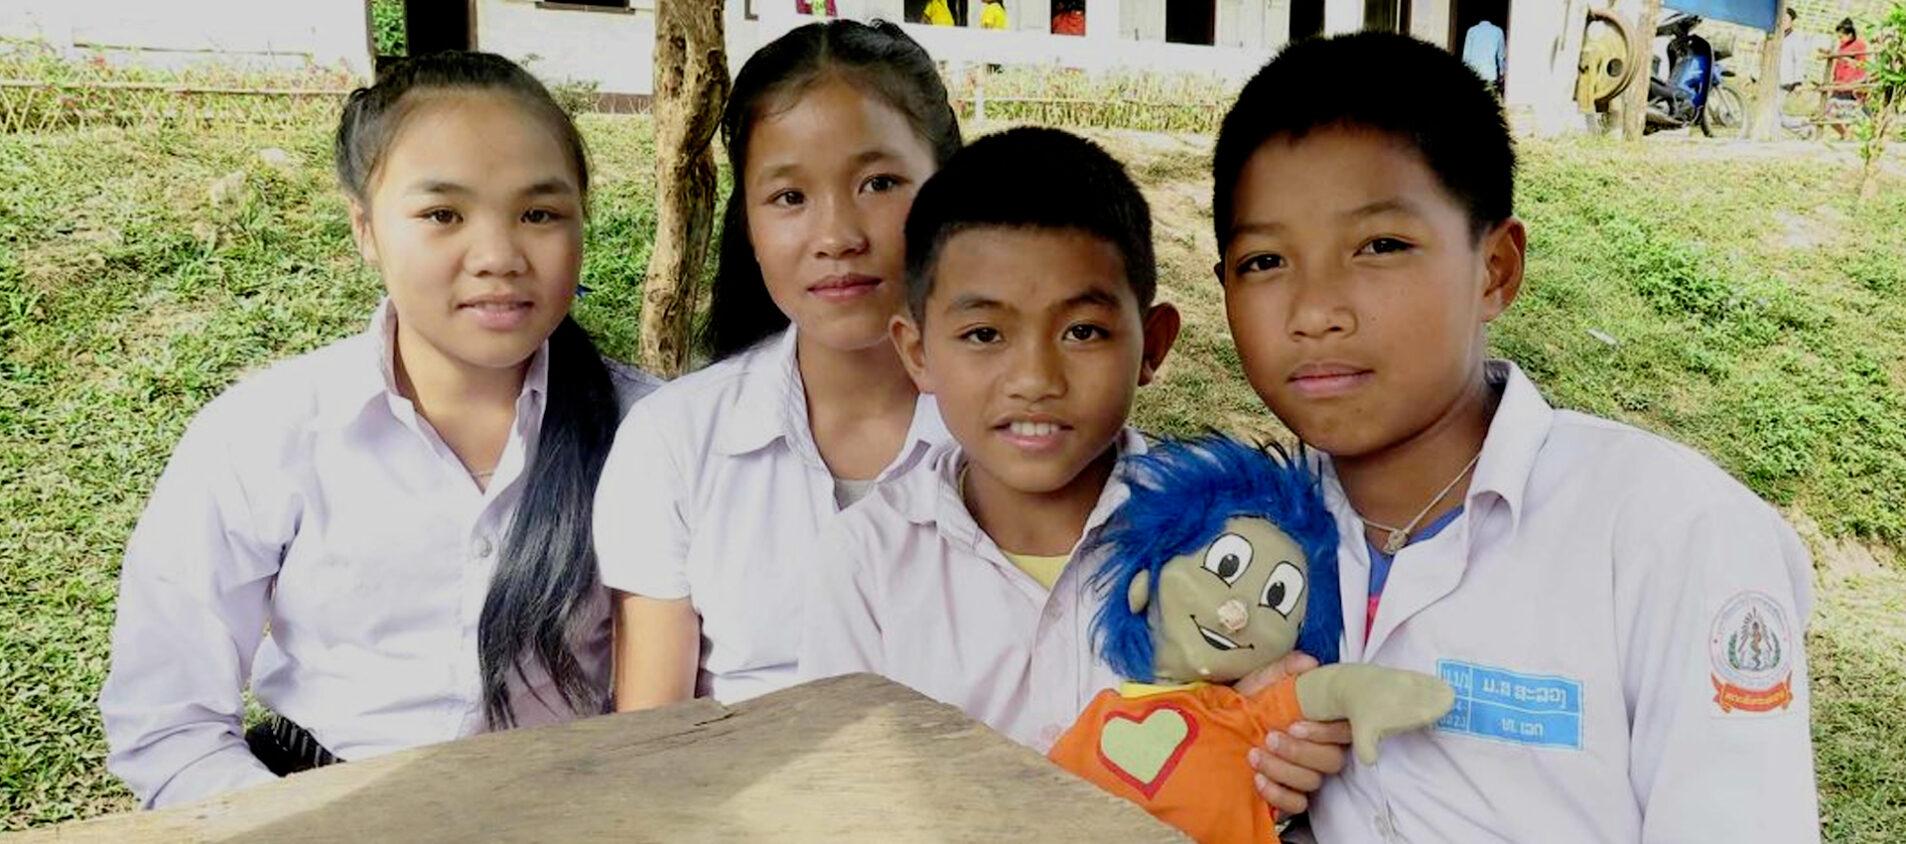 Rafiki med Nyaing och hennes klasskamrater.